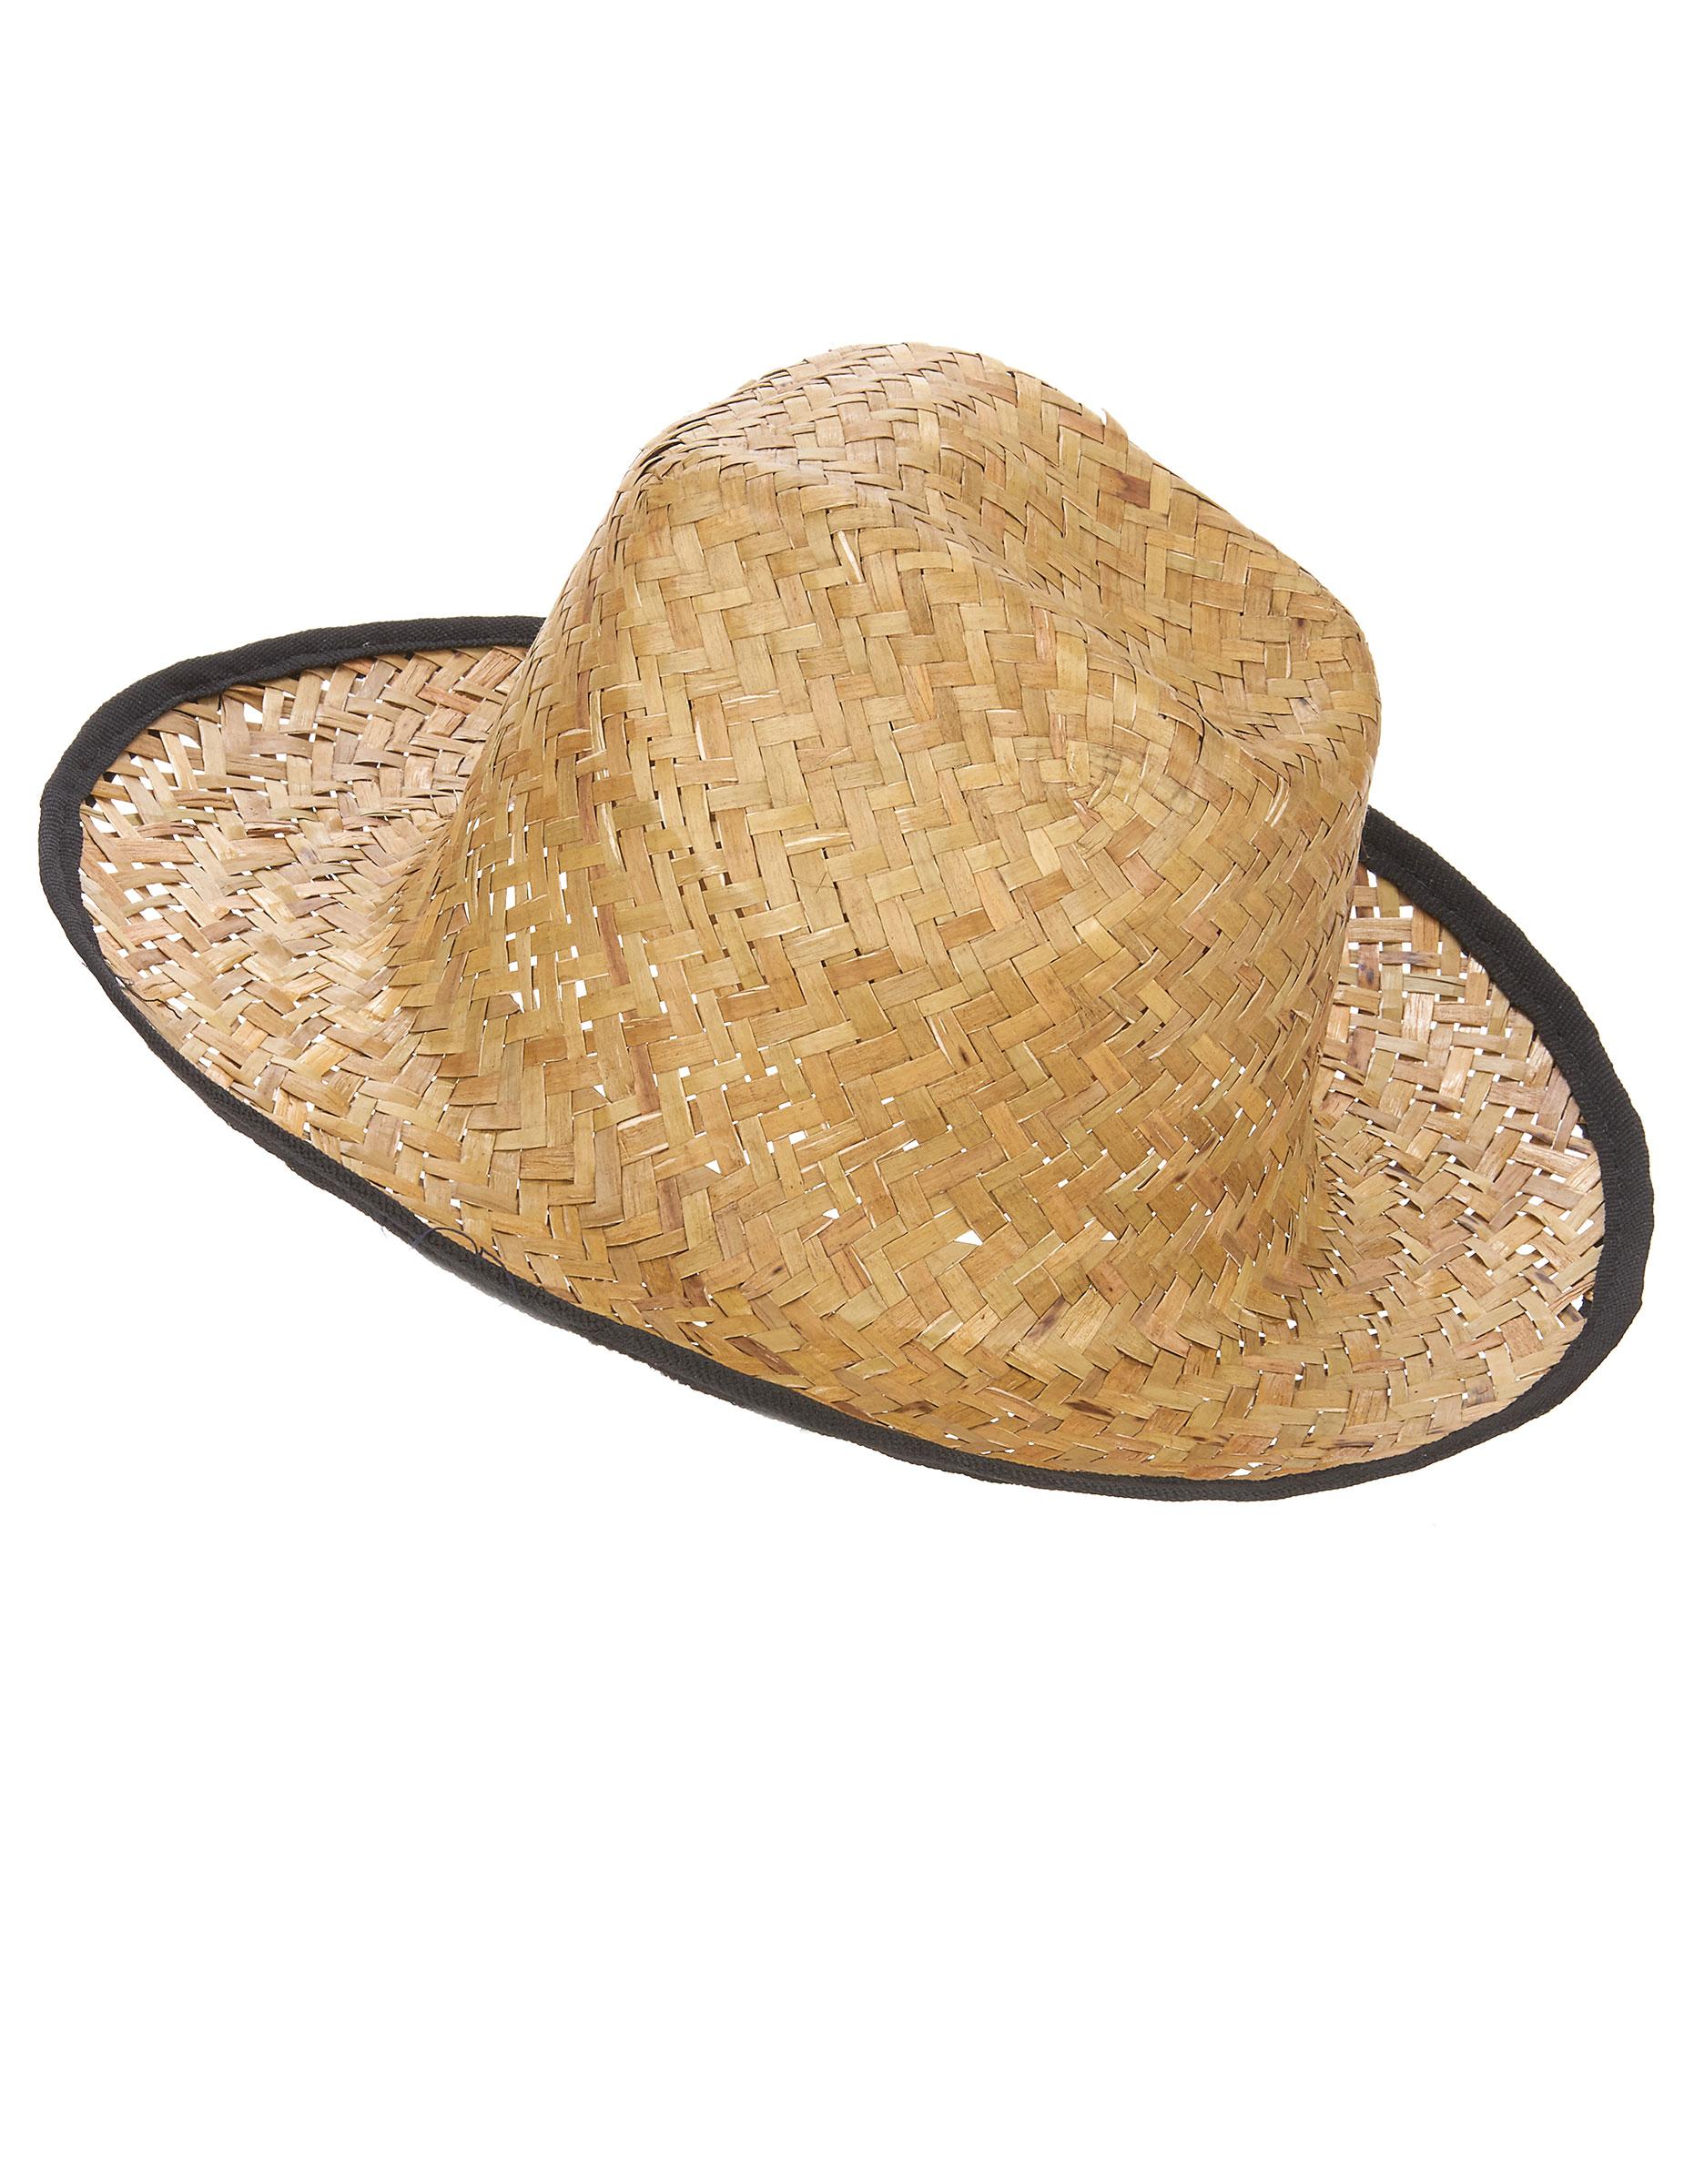 b174a0e430e9e Sombrero de paja con contorno negro adulto  Sombreros